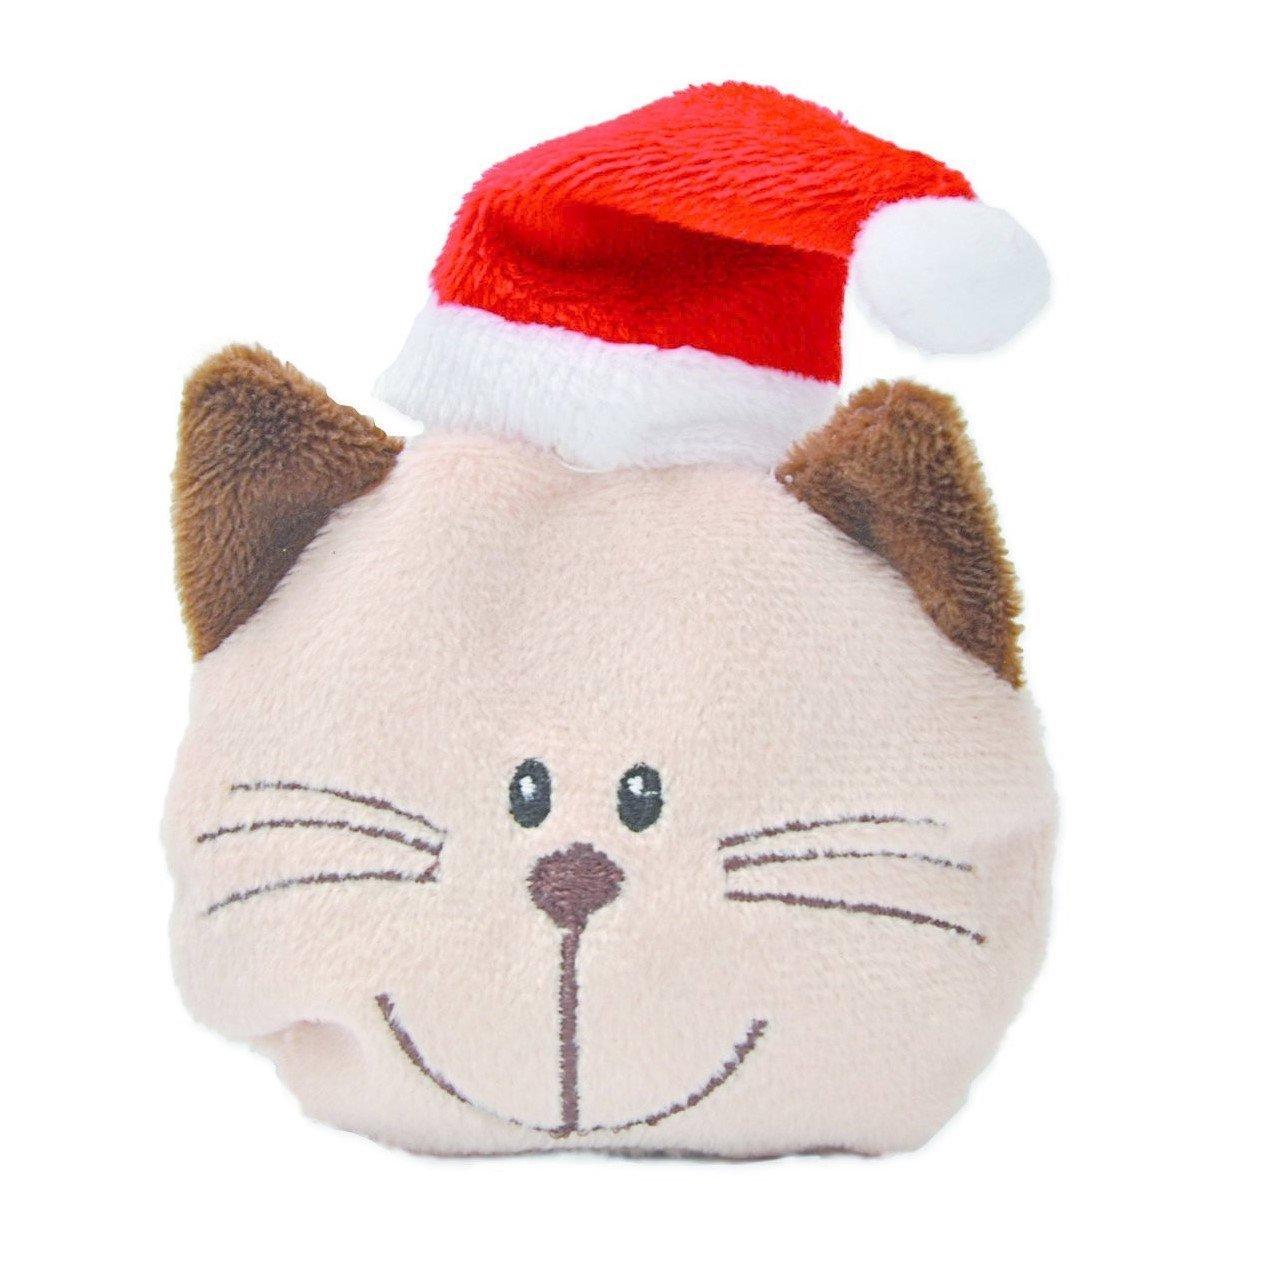 Aumüller Baldrian-Katzenspielkissen Katzenkopf Willy Weihnachtsedition, 8 x 8 cm